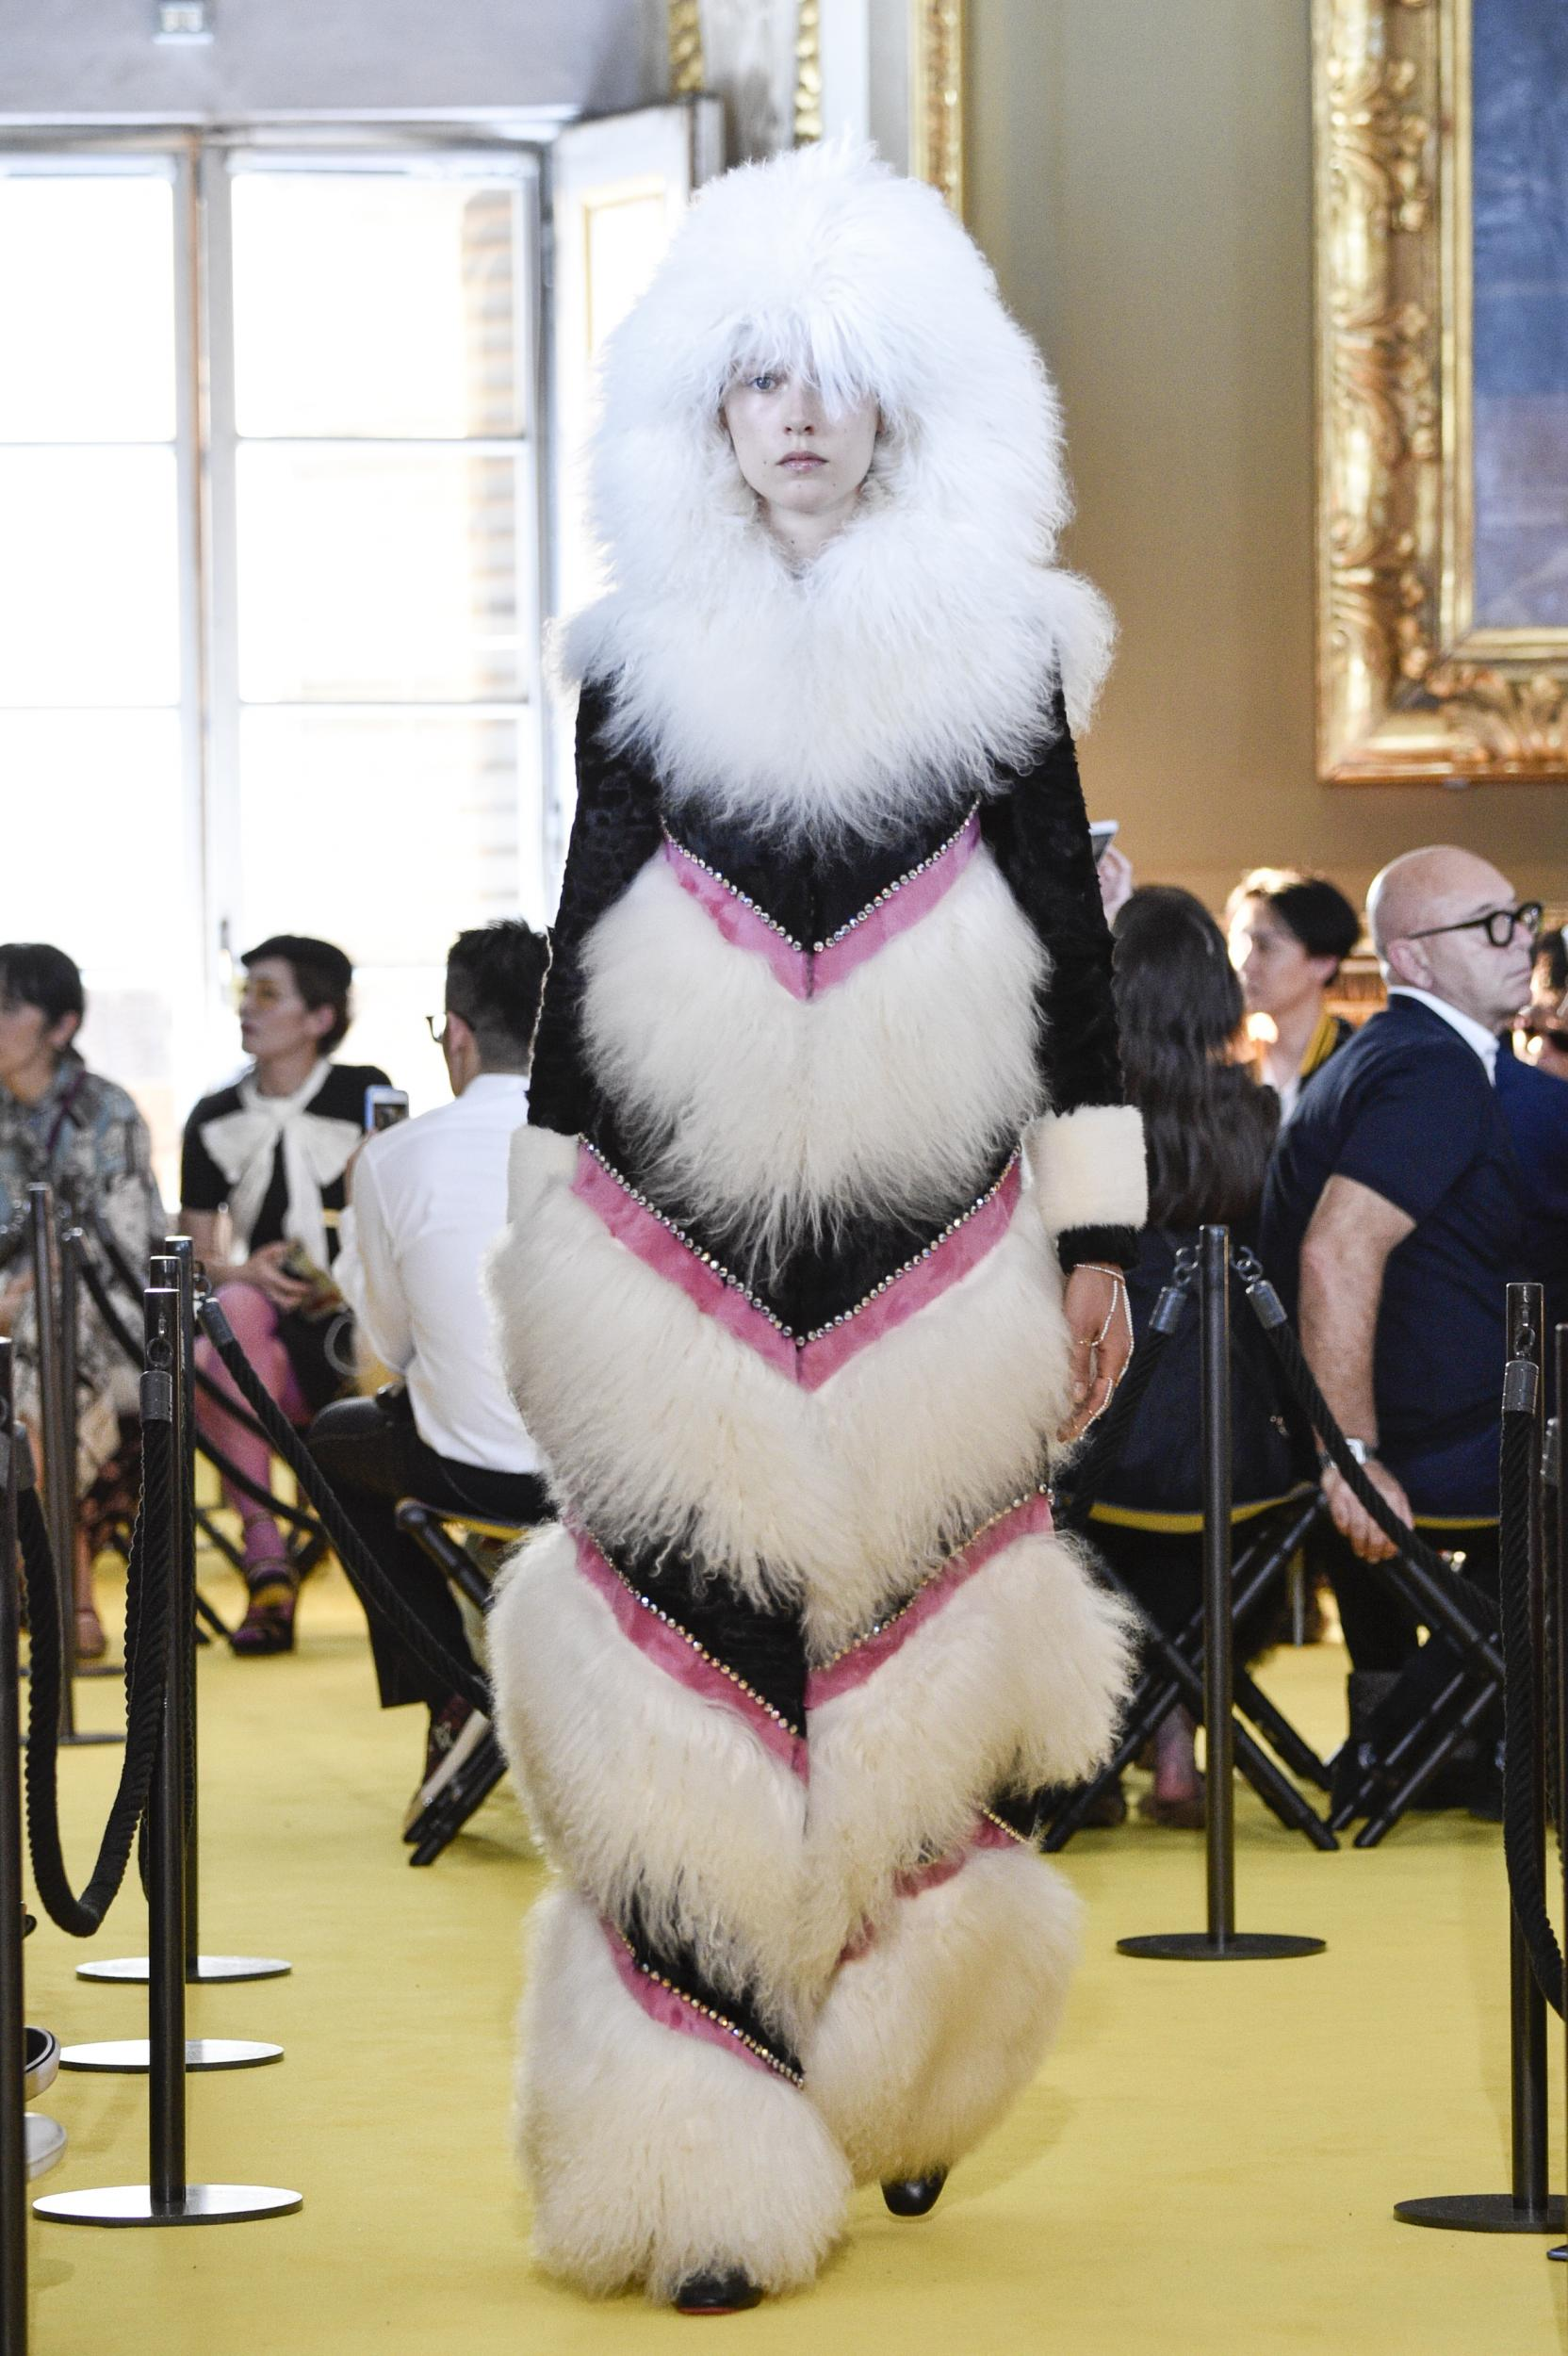 Fur is so last decade